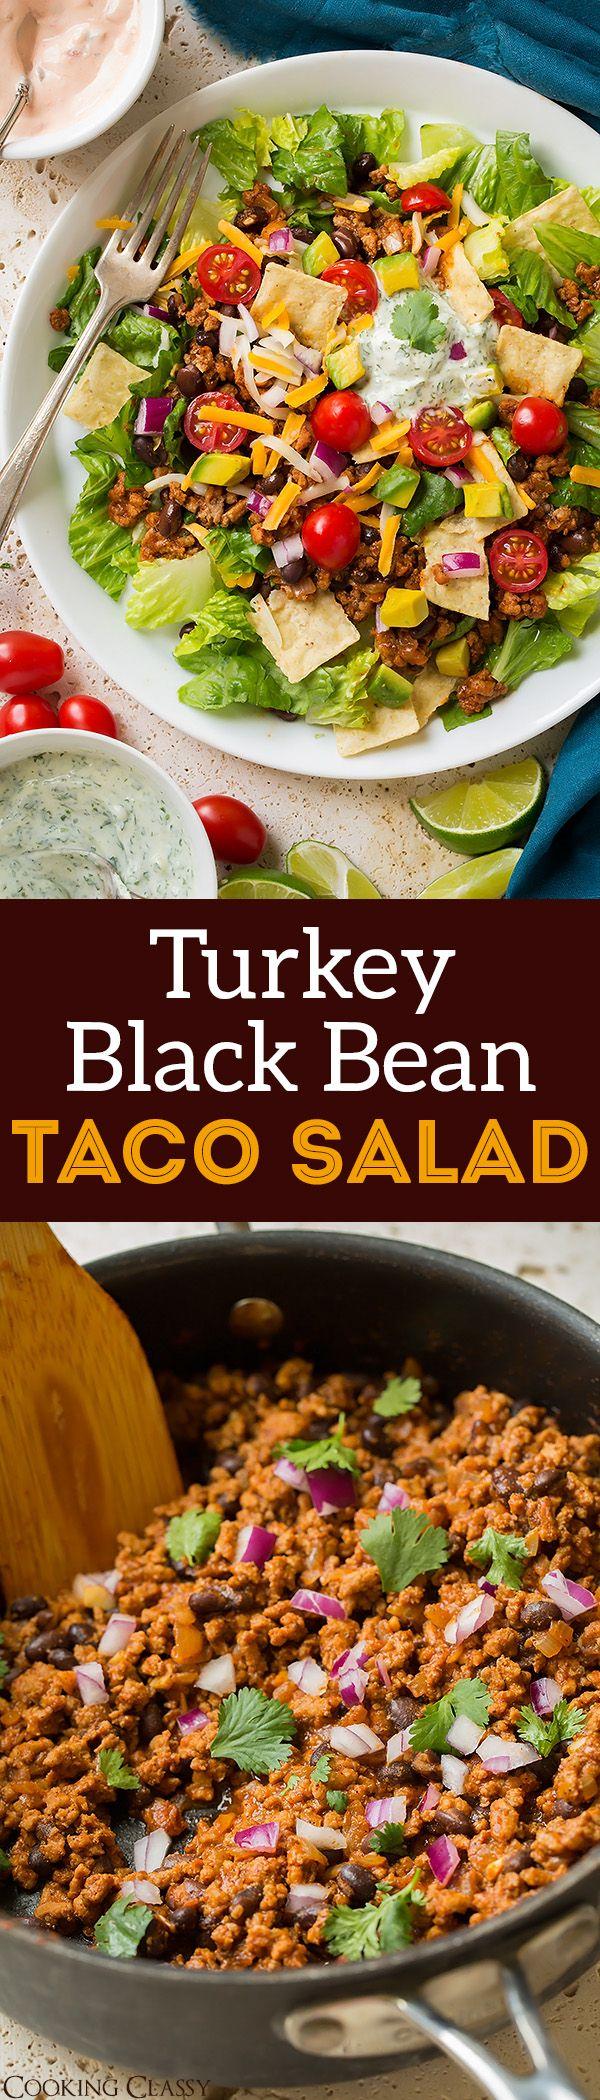 Turkey Black Bean Taco Salad - a healthier take on taco salad! It's my go-to taco salad recipe! Whole family loves it!